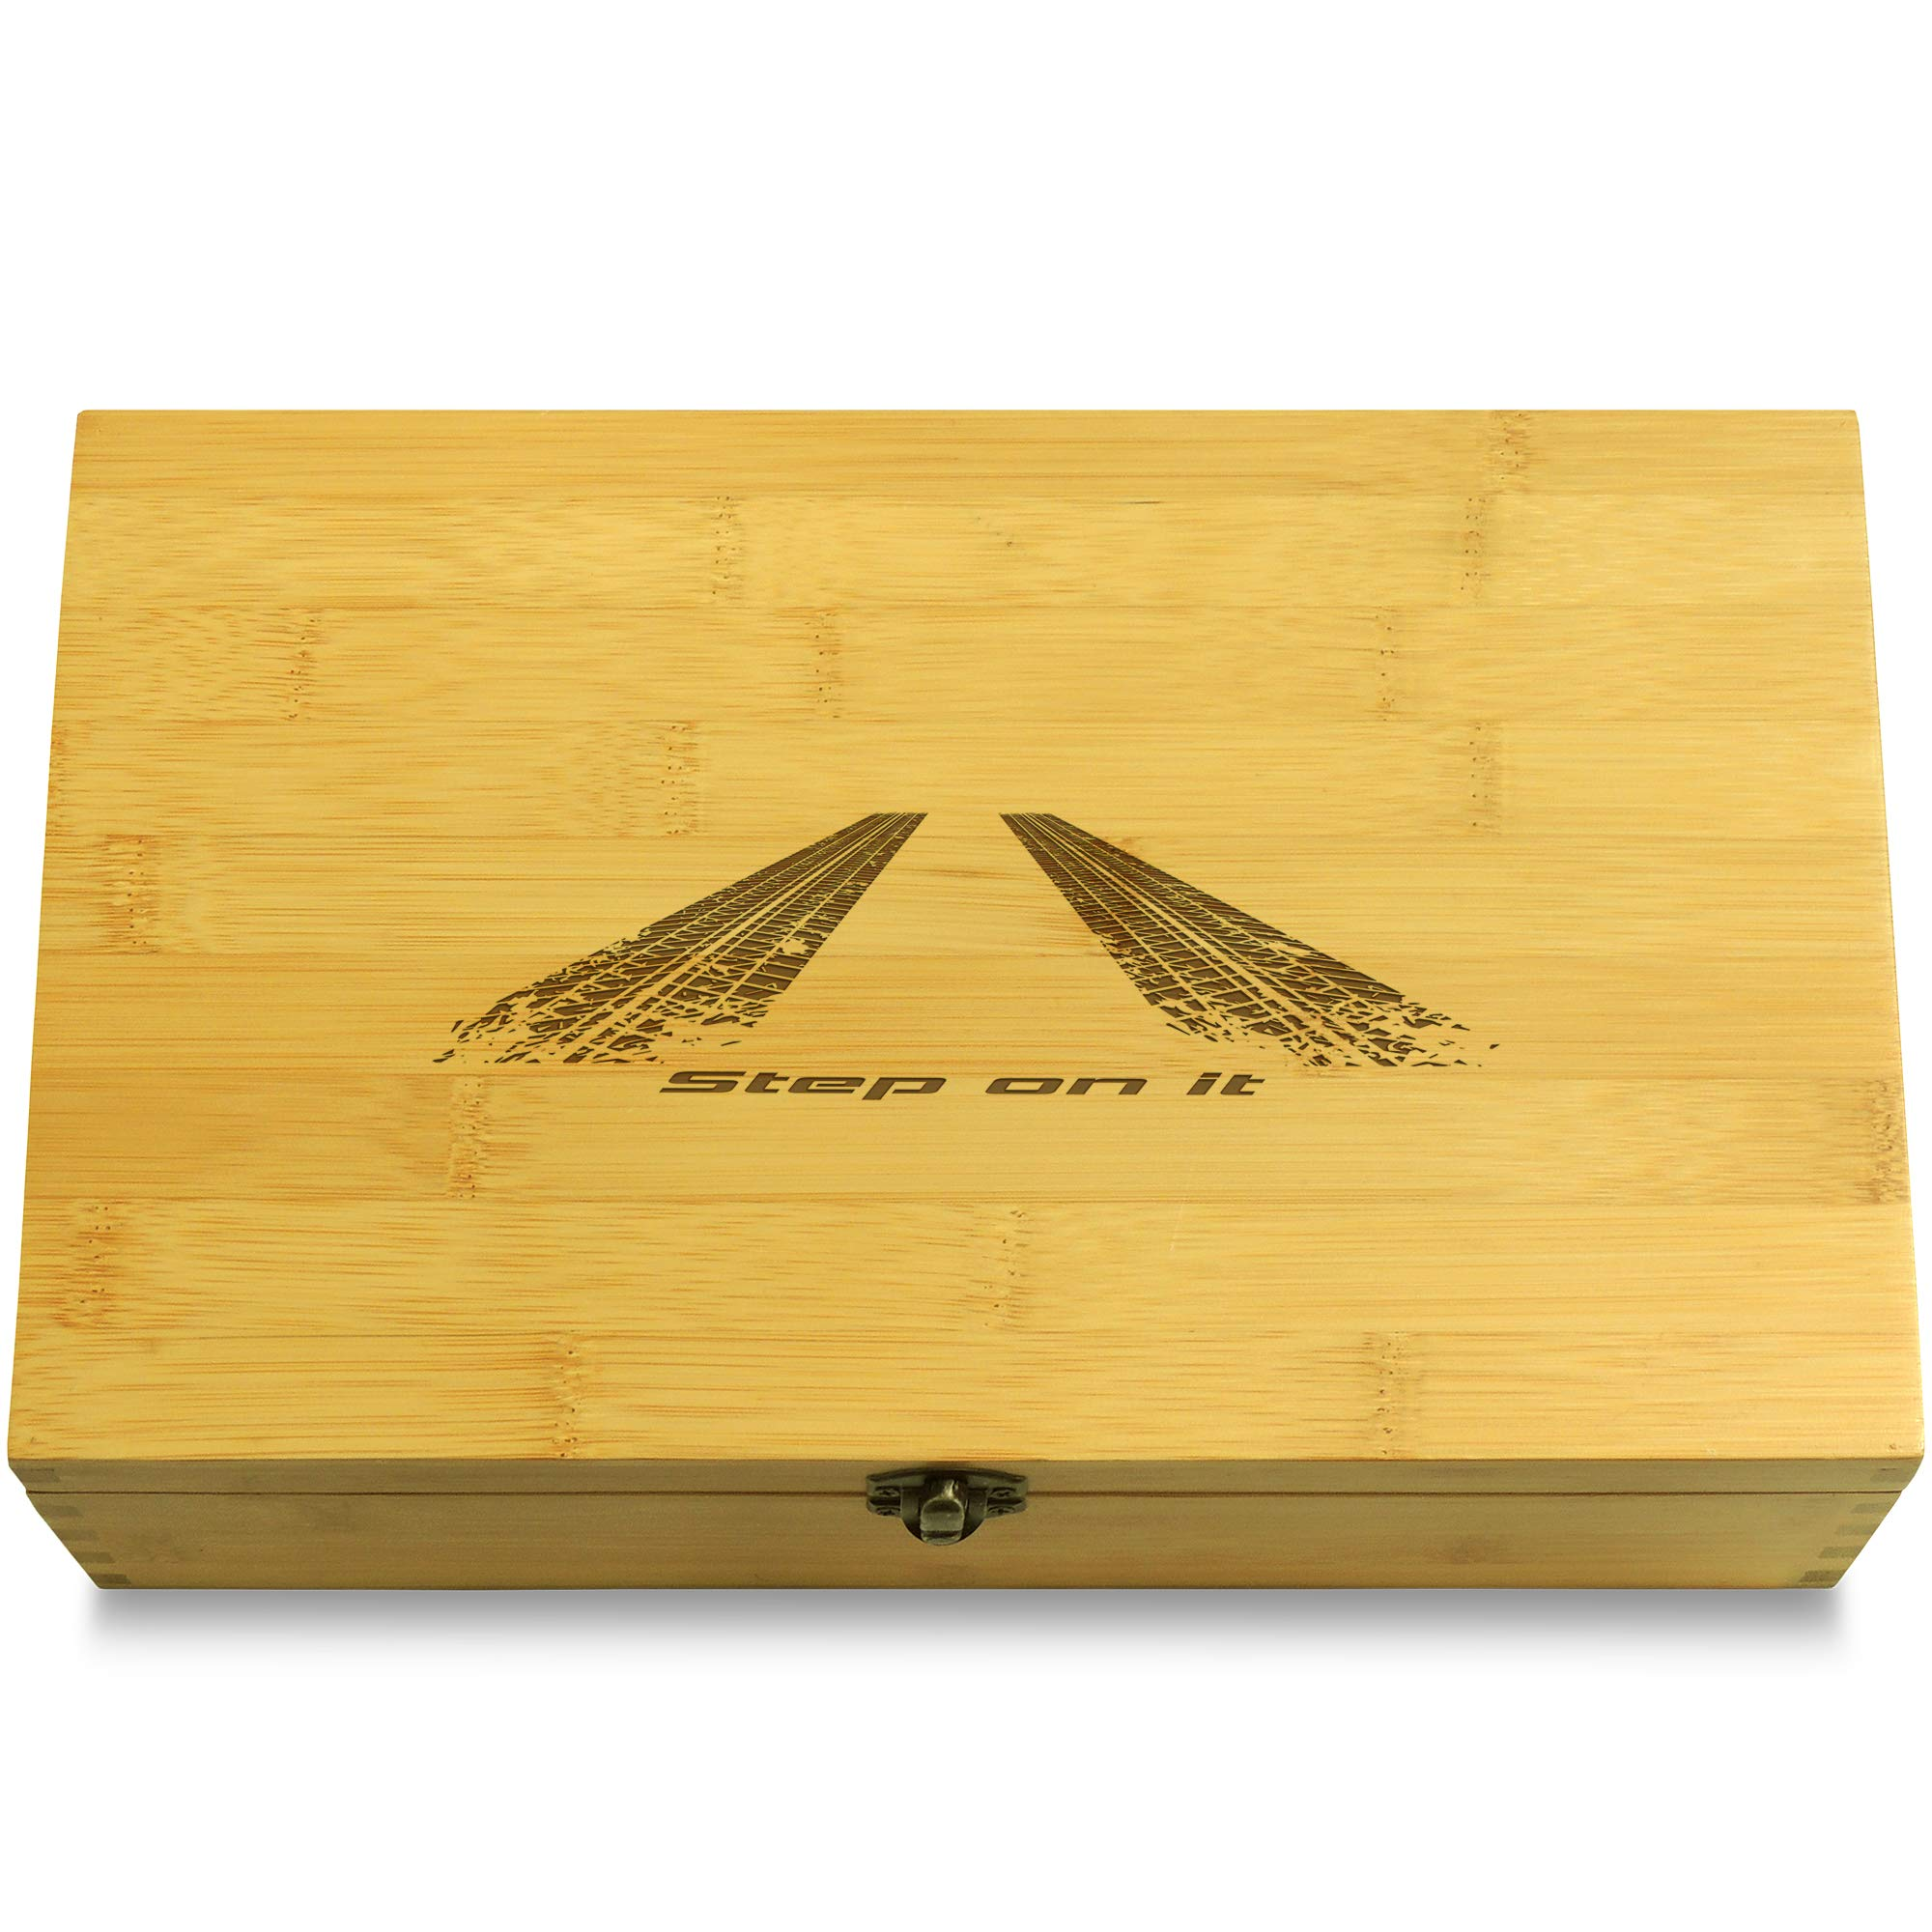 Cookbook People Step On It Peel Out Car Multikeep Box - Memento Bamboo Wood Adjustable Organizer